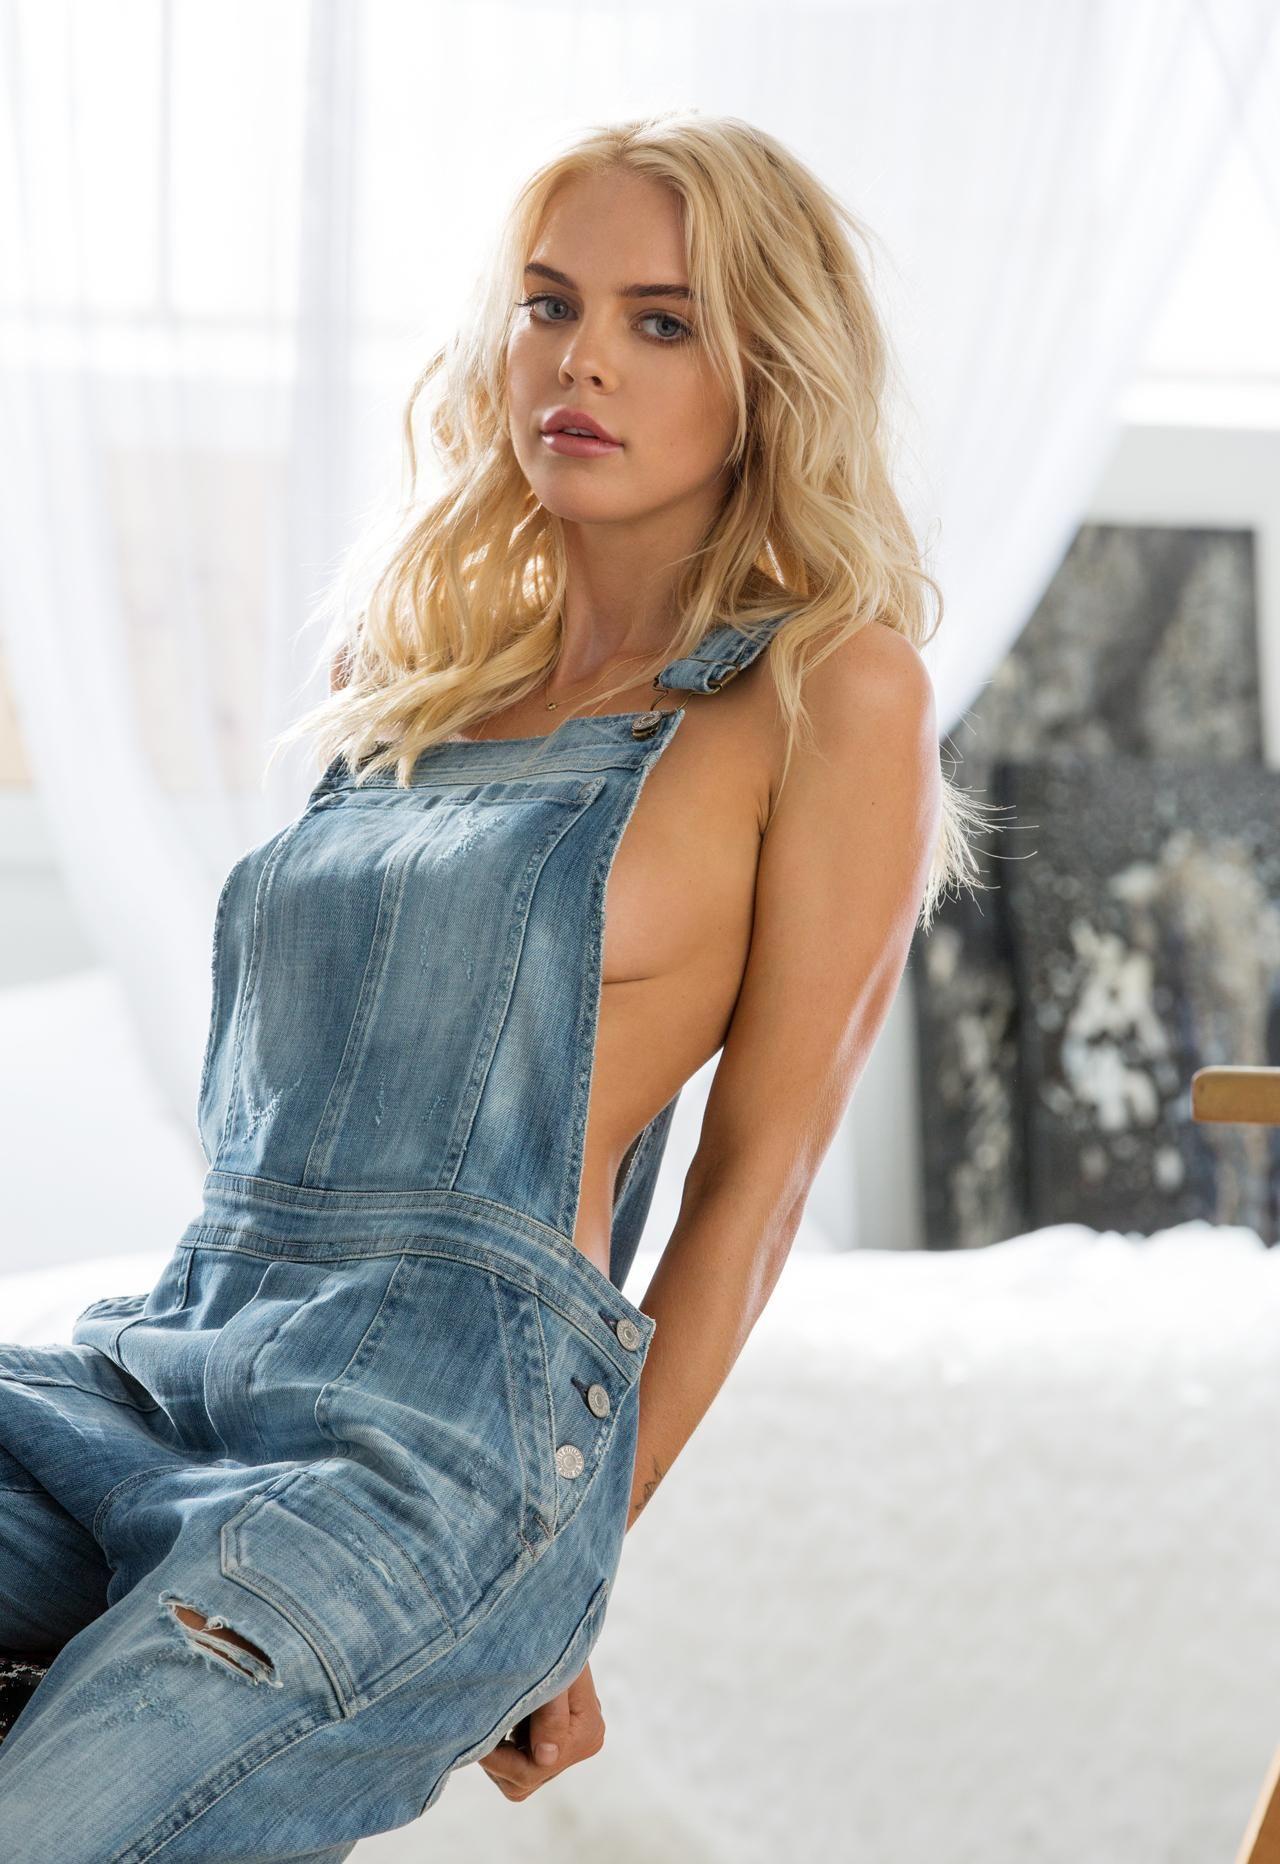 Pictures Rachel Harris nude photos 2019